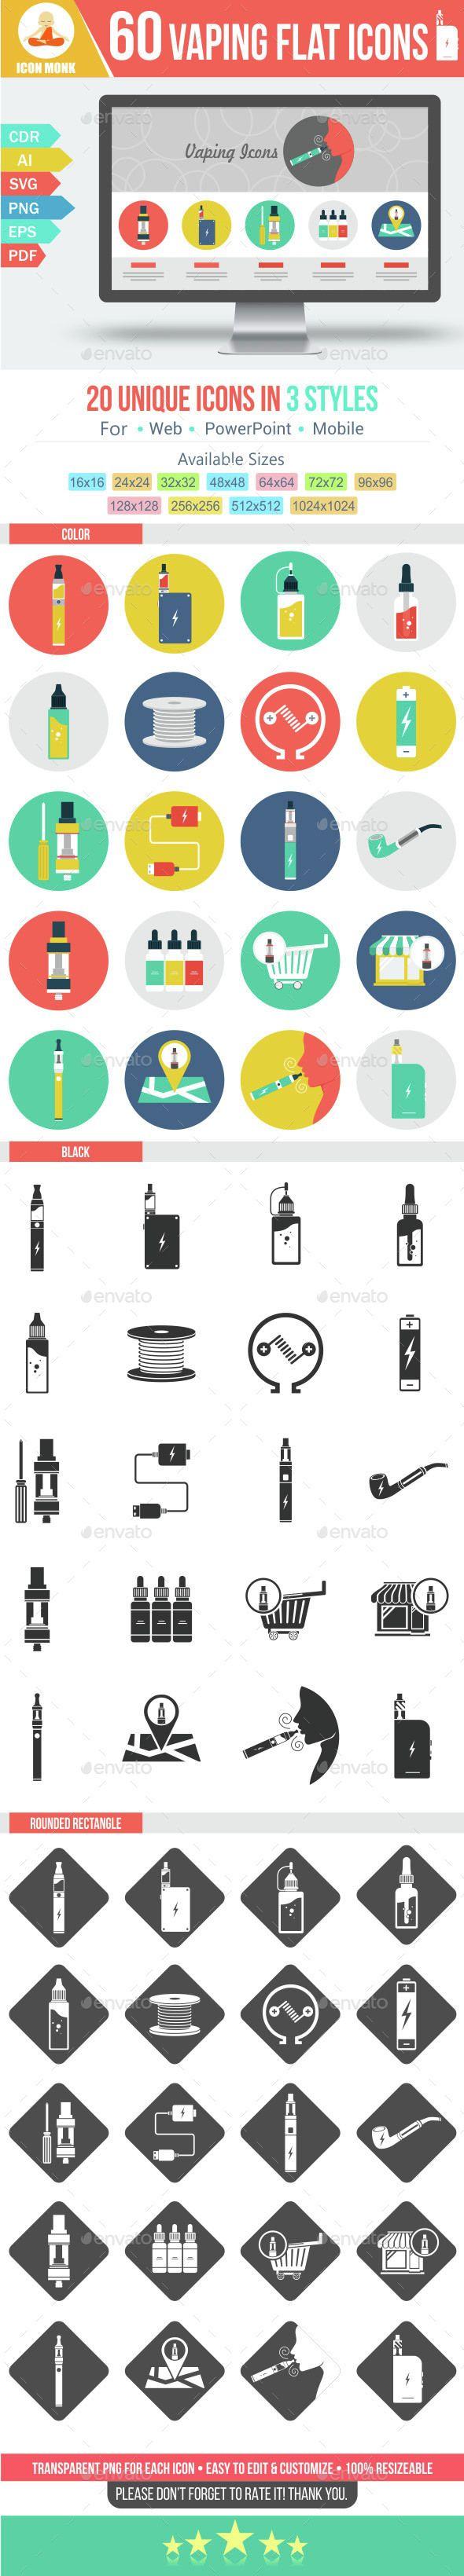 60 Vaping Flat Icon Flat Icon Vape Best Icons